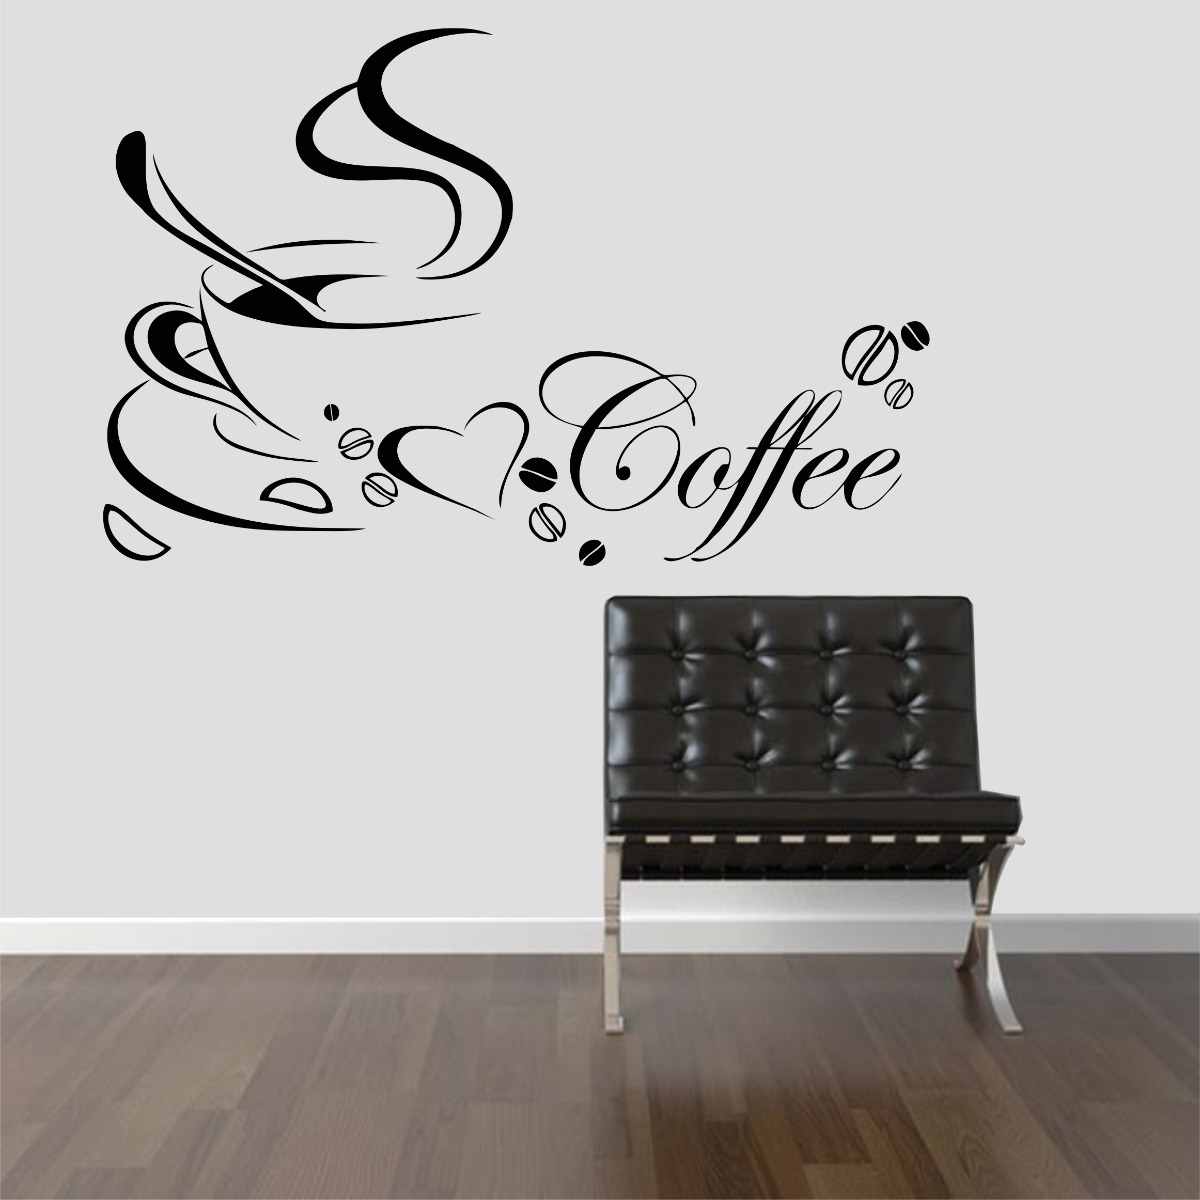 Adesivo De Parede Coruja ~ Adesivo Decorativo Parede Cozinha Geladeira Café Xícara R$ 29,99 em Mercado Livre